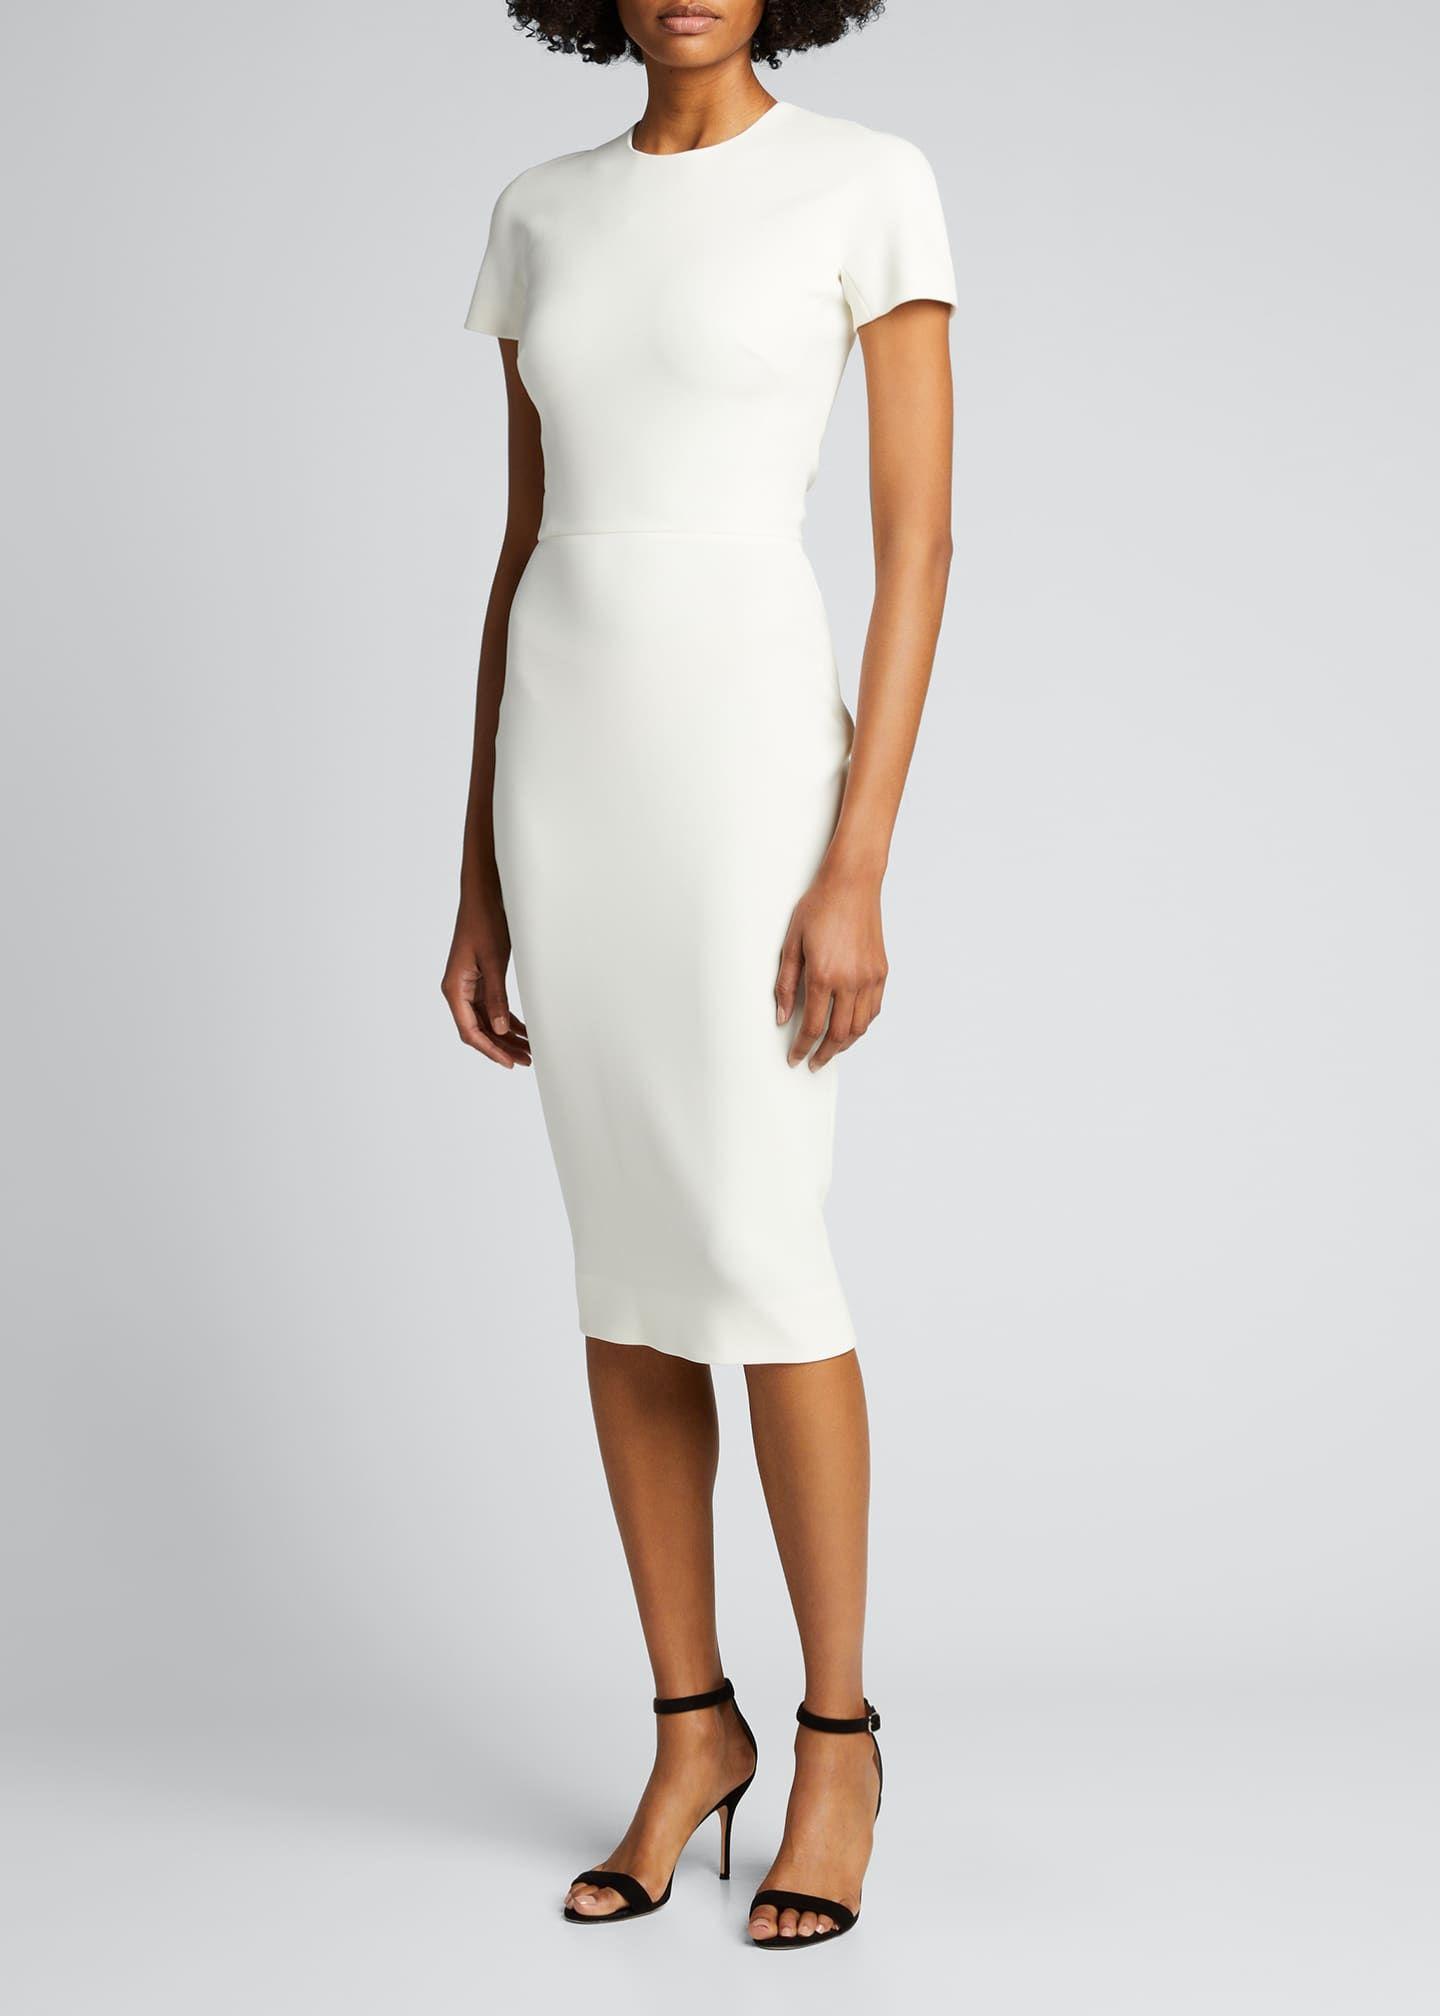 Victoria Beckham Fitted T Shirt Dress T Shirt Dress Shirt Dress Dresses [ 2016 x 1440 Pixel ]